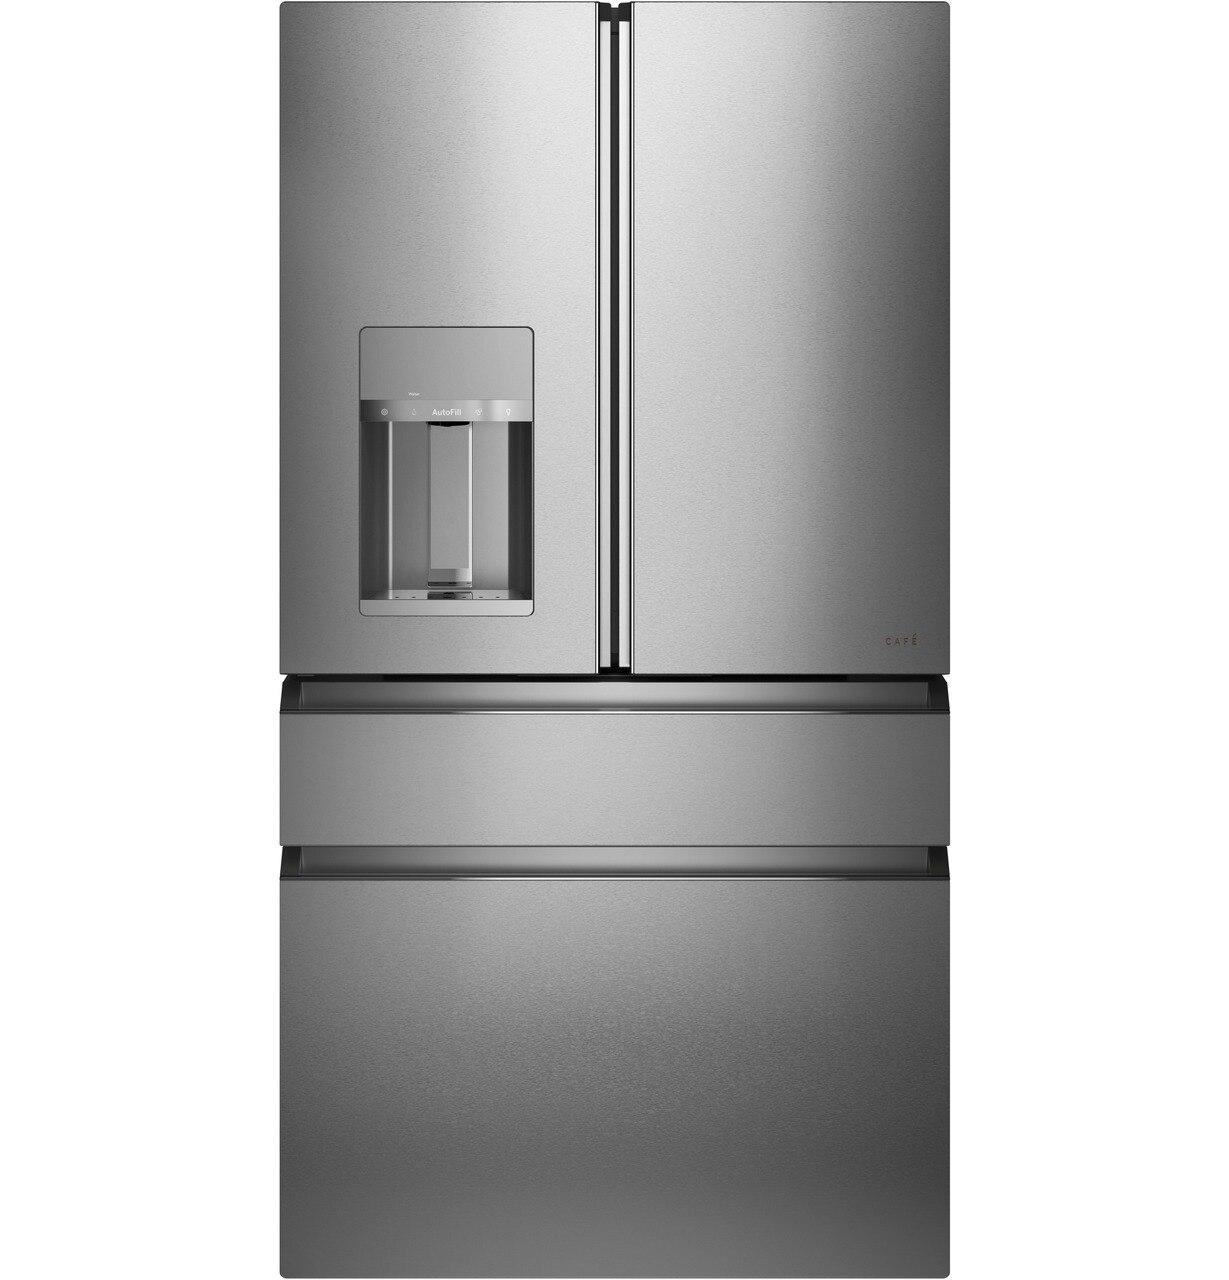 Café™ ENERGY STAR® 27.8 Cu. Ft. Smart 4-Door French-Door Refrigerator in Platinum Glass